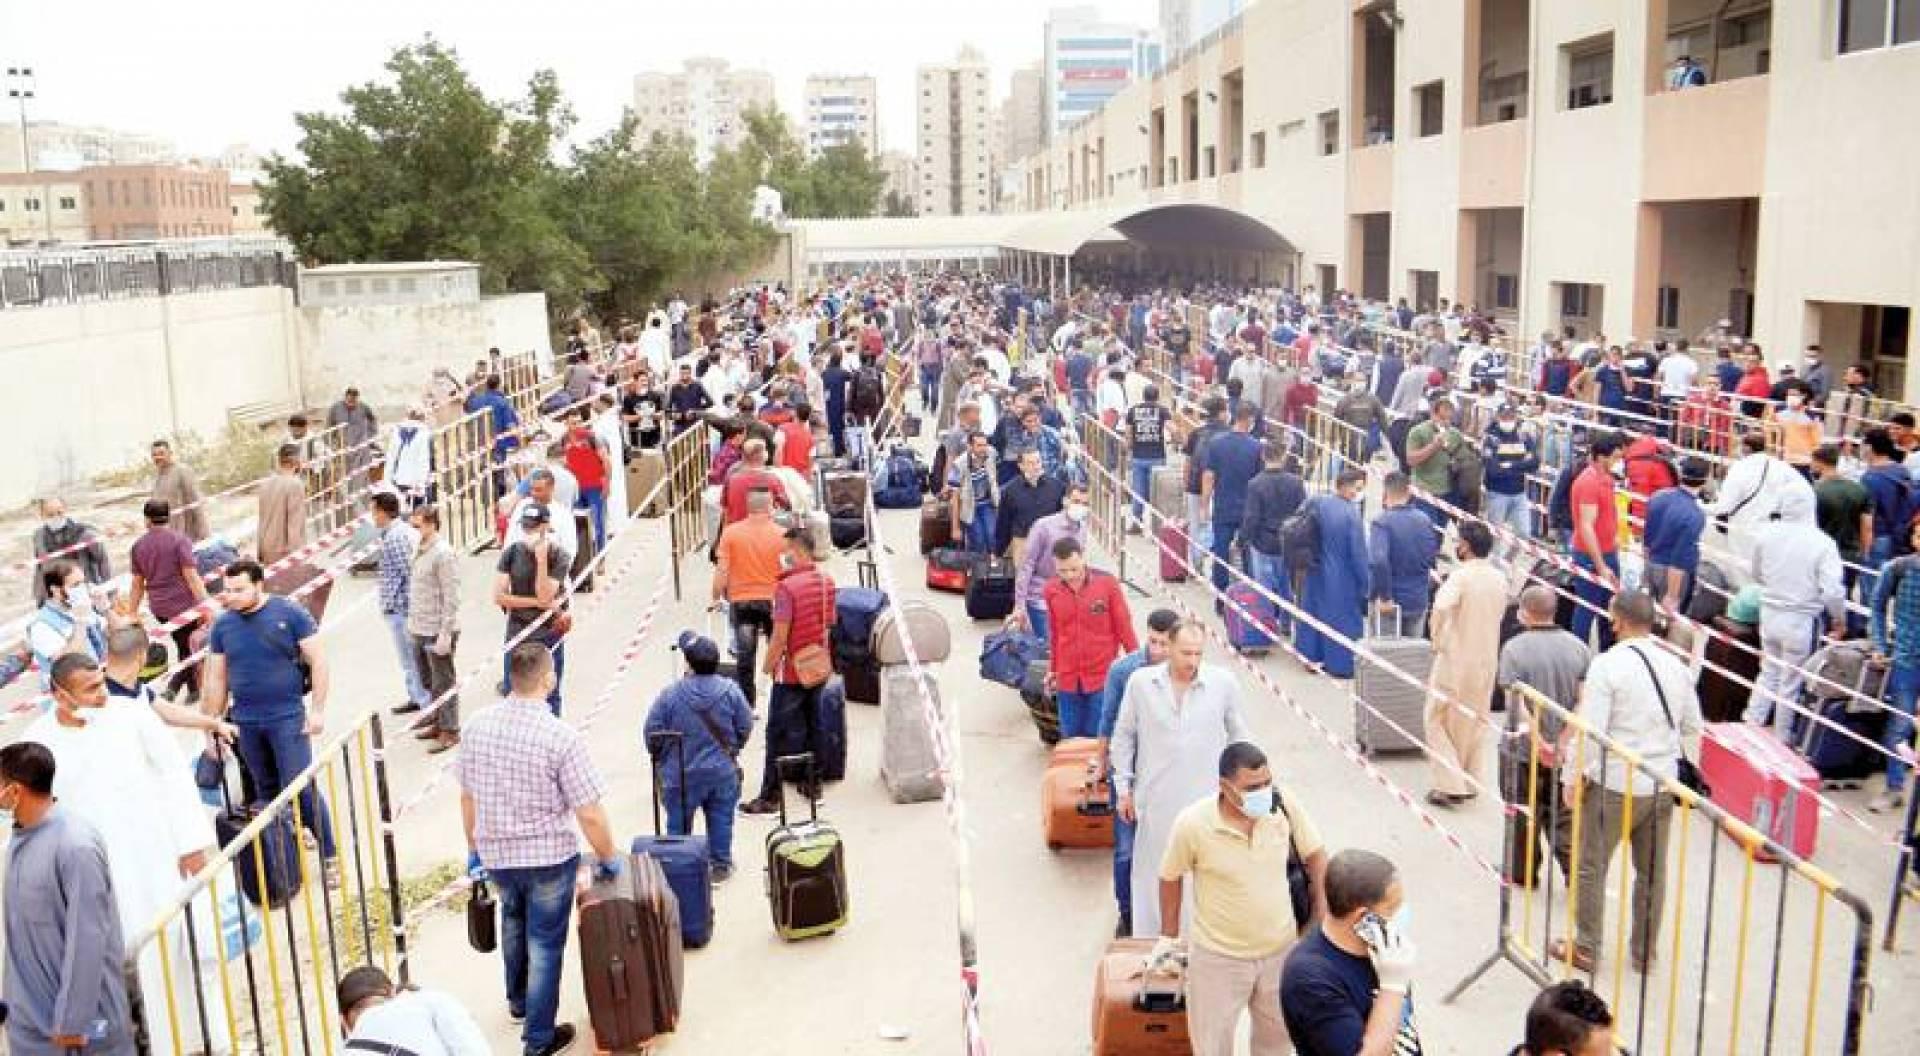 مخالفو الإقامة من الجالية المصرية لدى تسليم أنفسهم للمغادرة الشهر الماضي (تصوير: بسام زيدان)